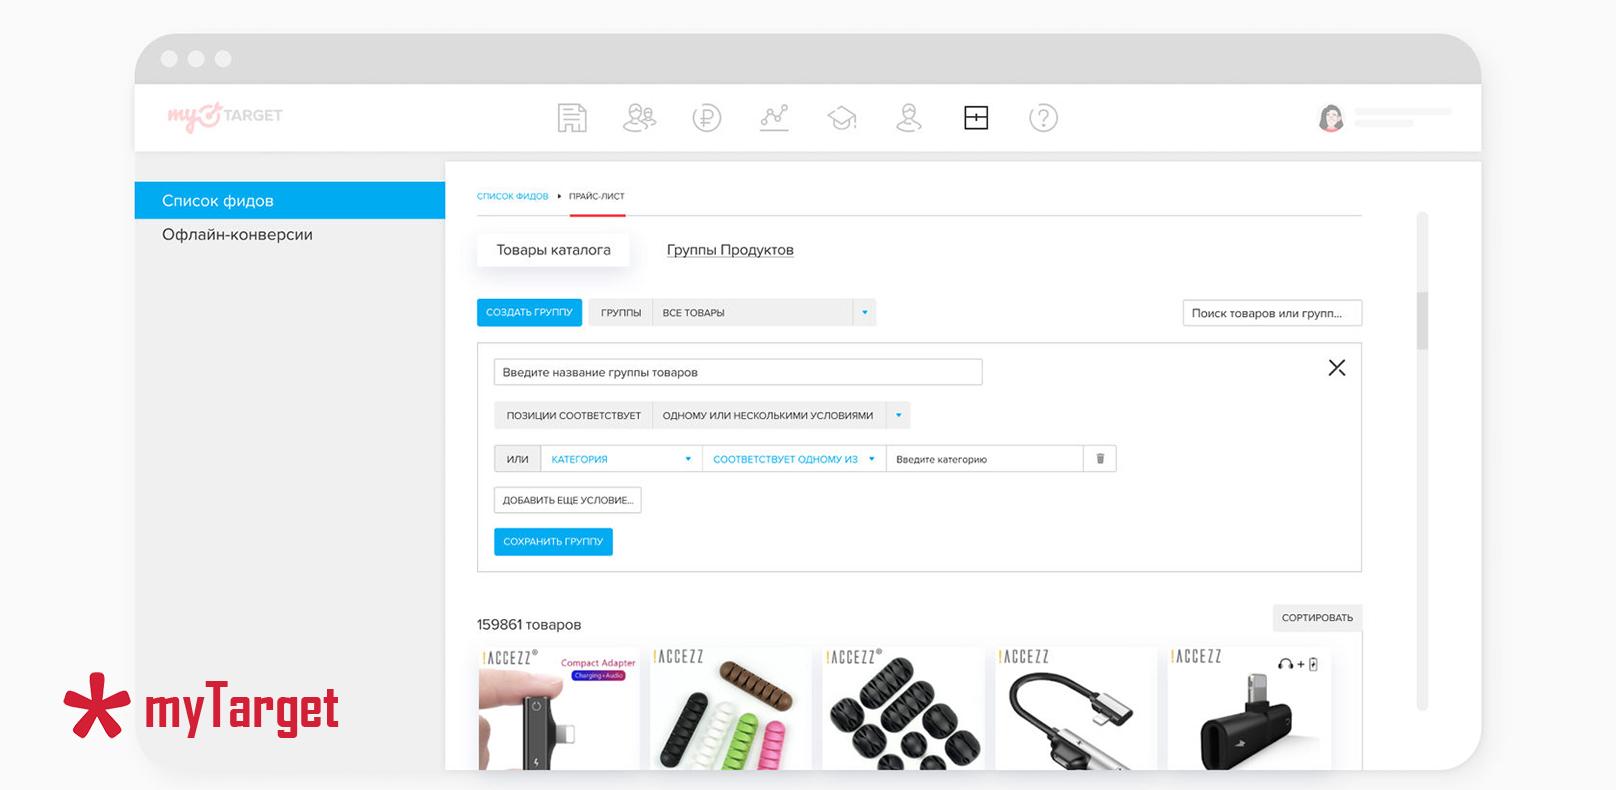 Группы продуктов в товарных фидах для динамического ремаркетинга появились в myTarget